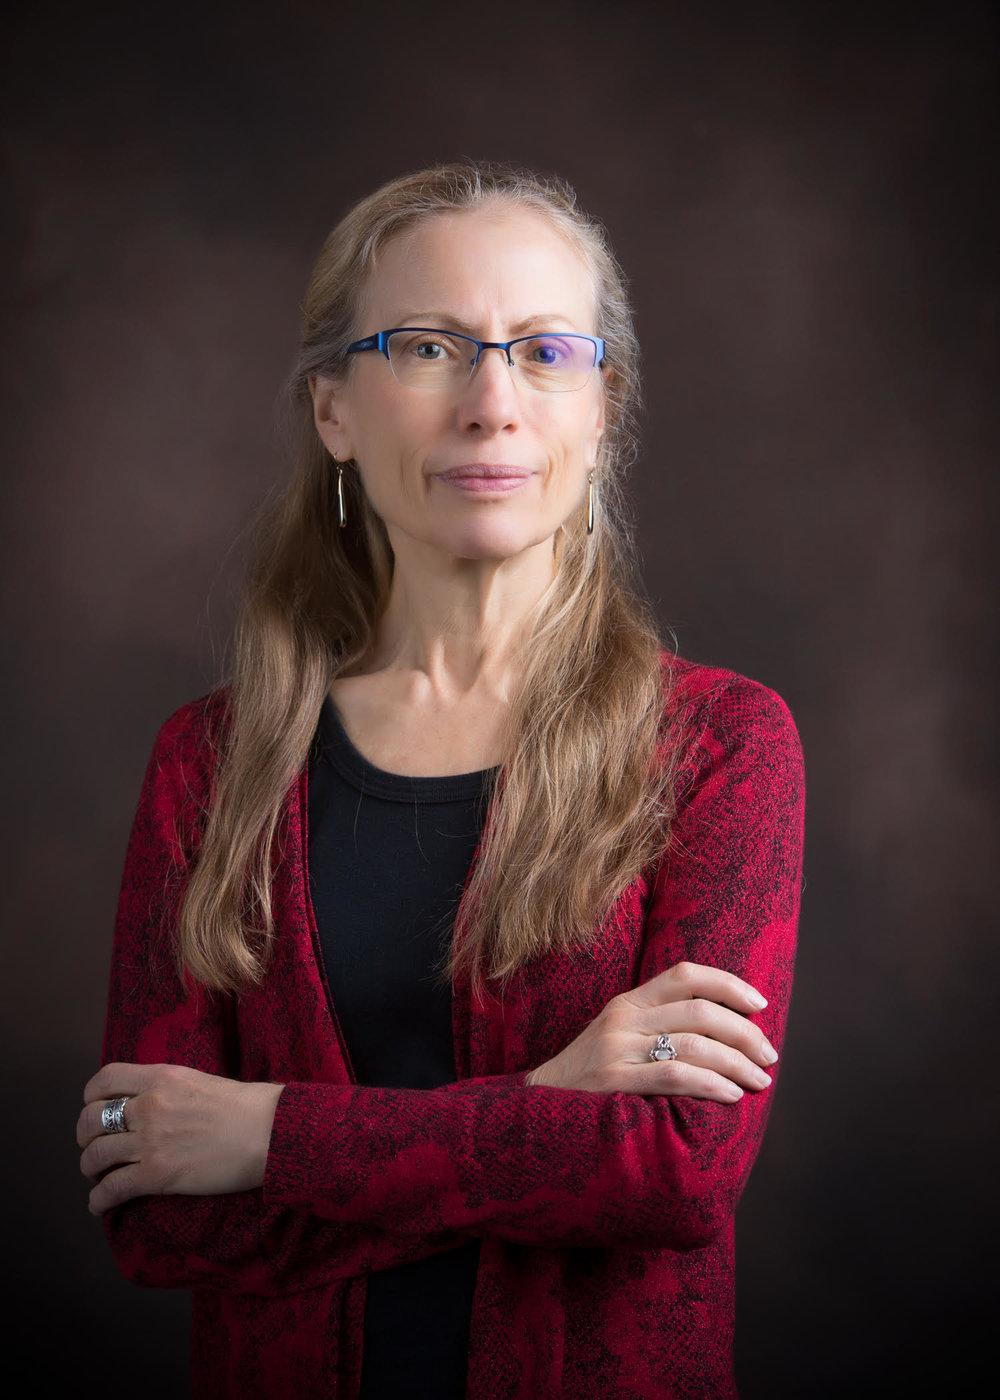 Lisa Knopp